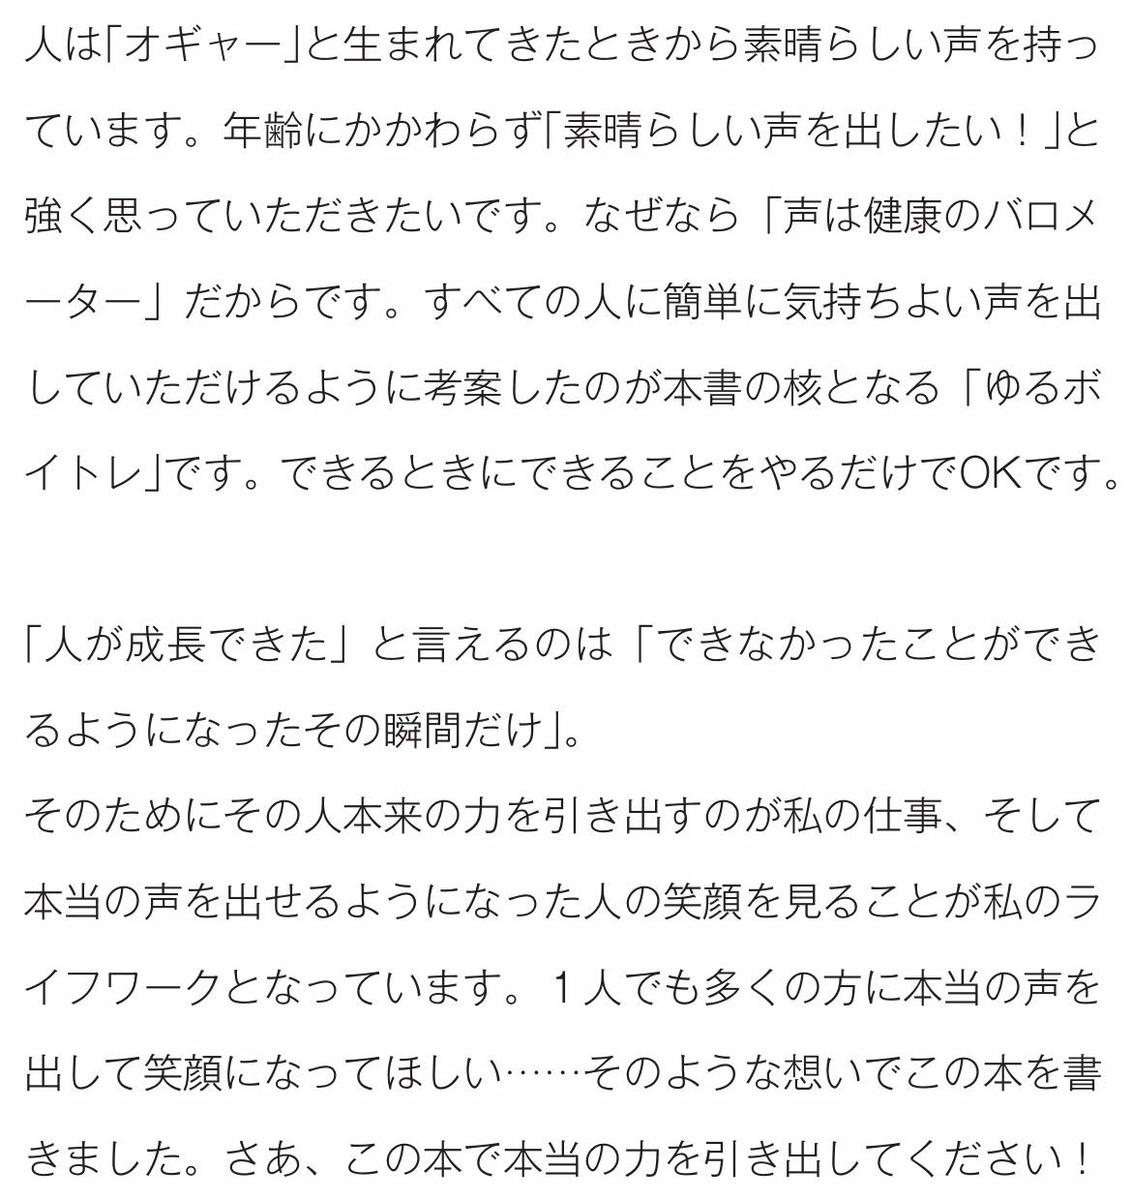 f:id:mojiru:20190807092201j:plain